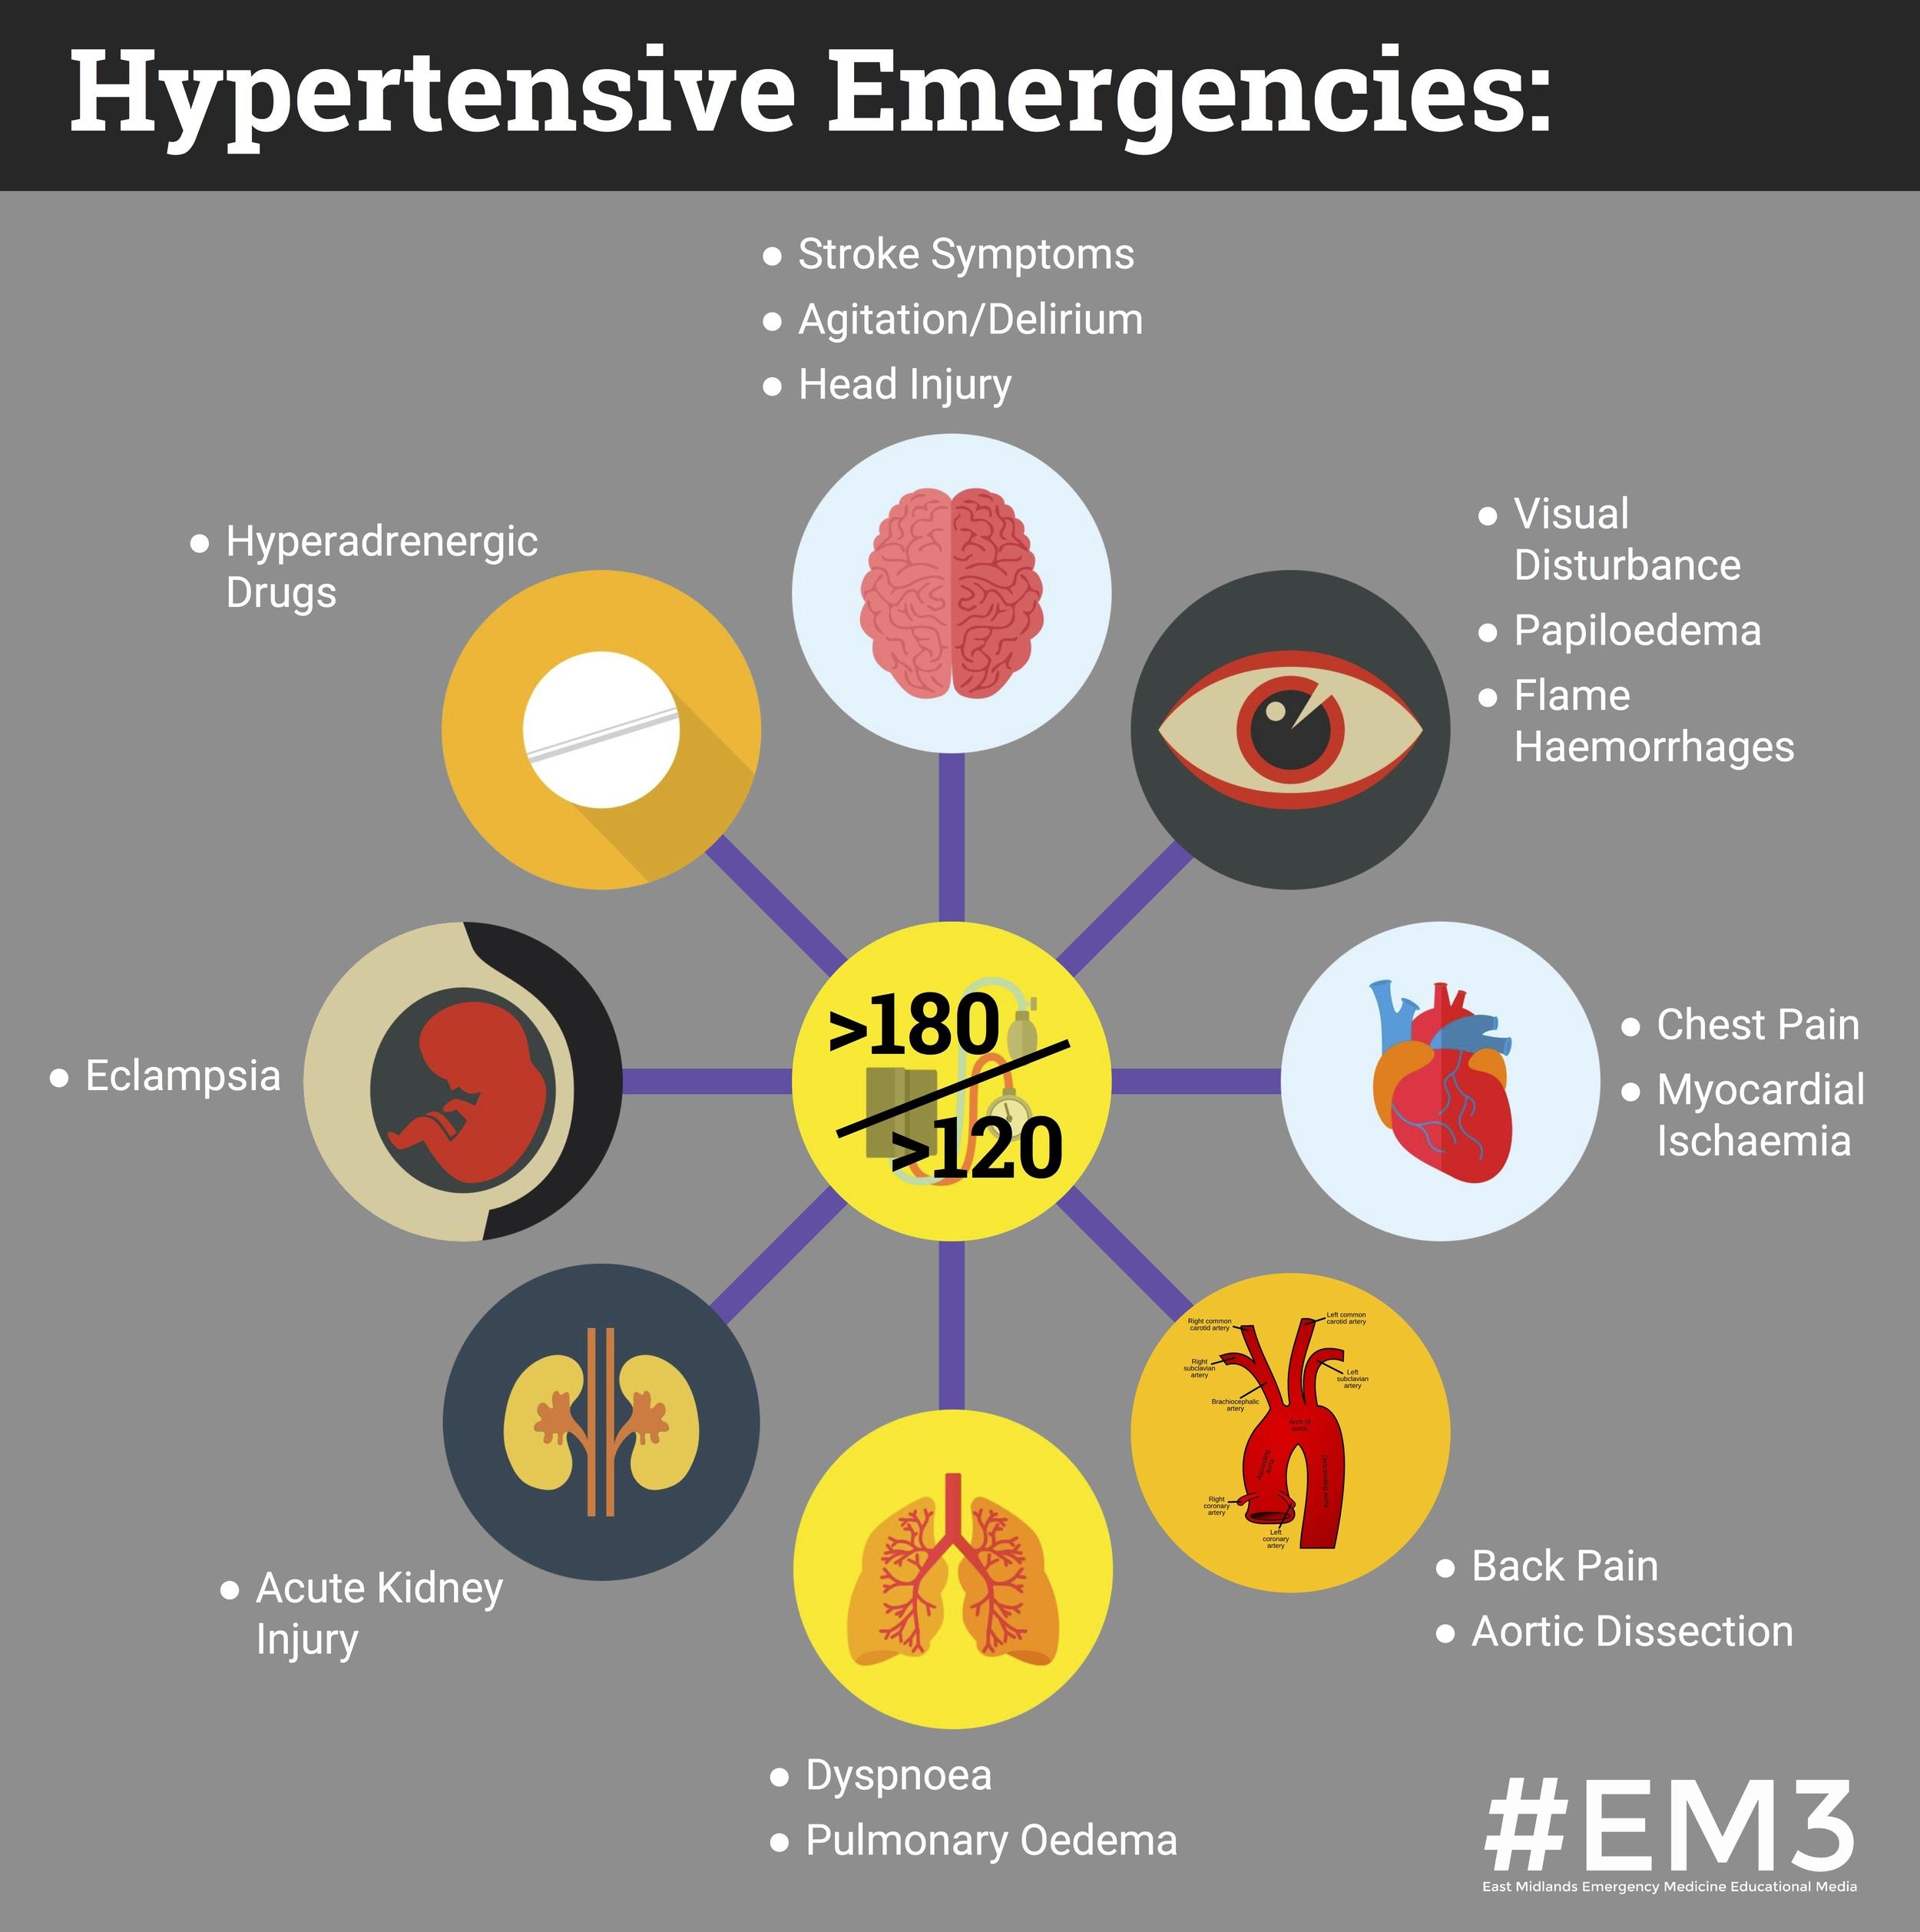 Hypertensive Emergencies.jpg